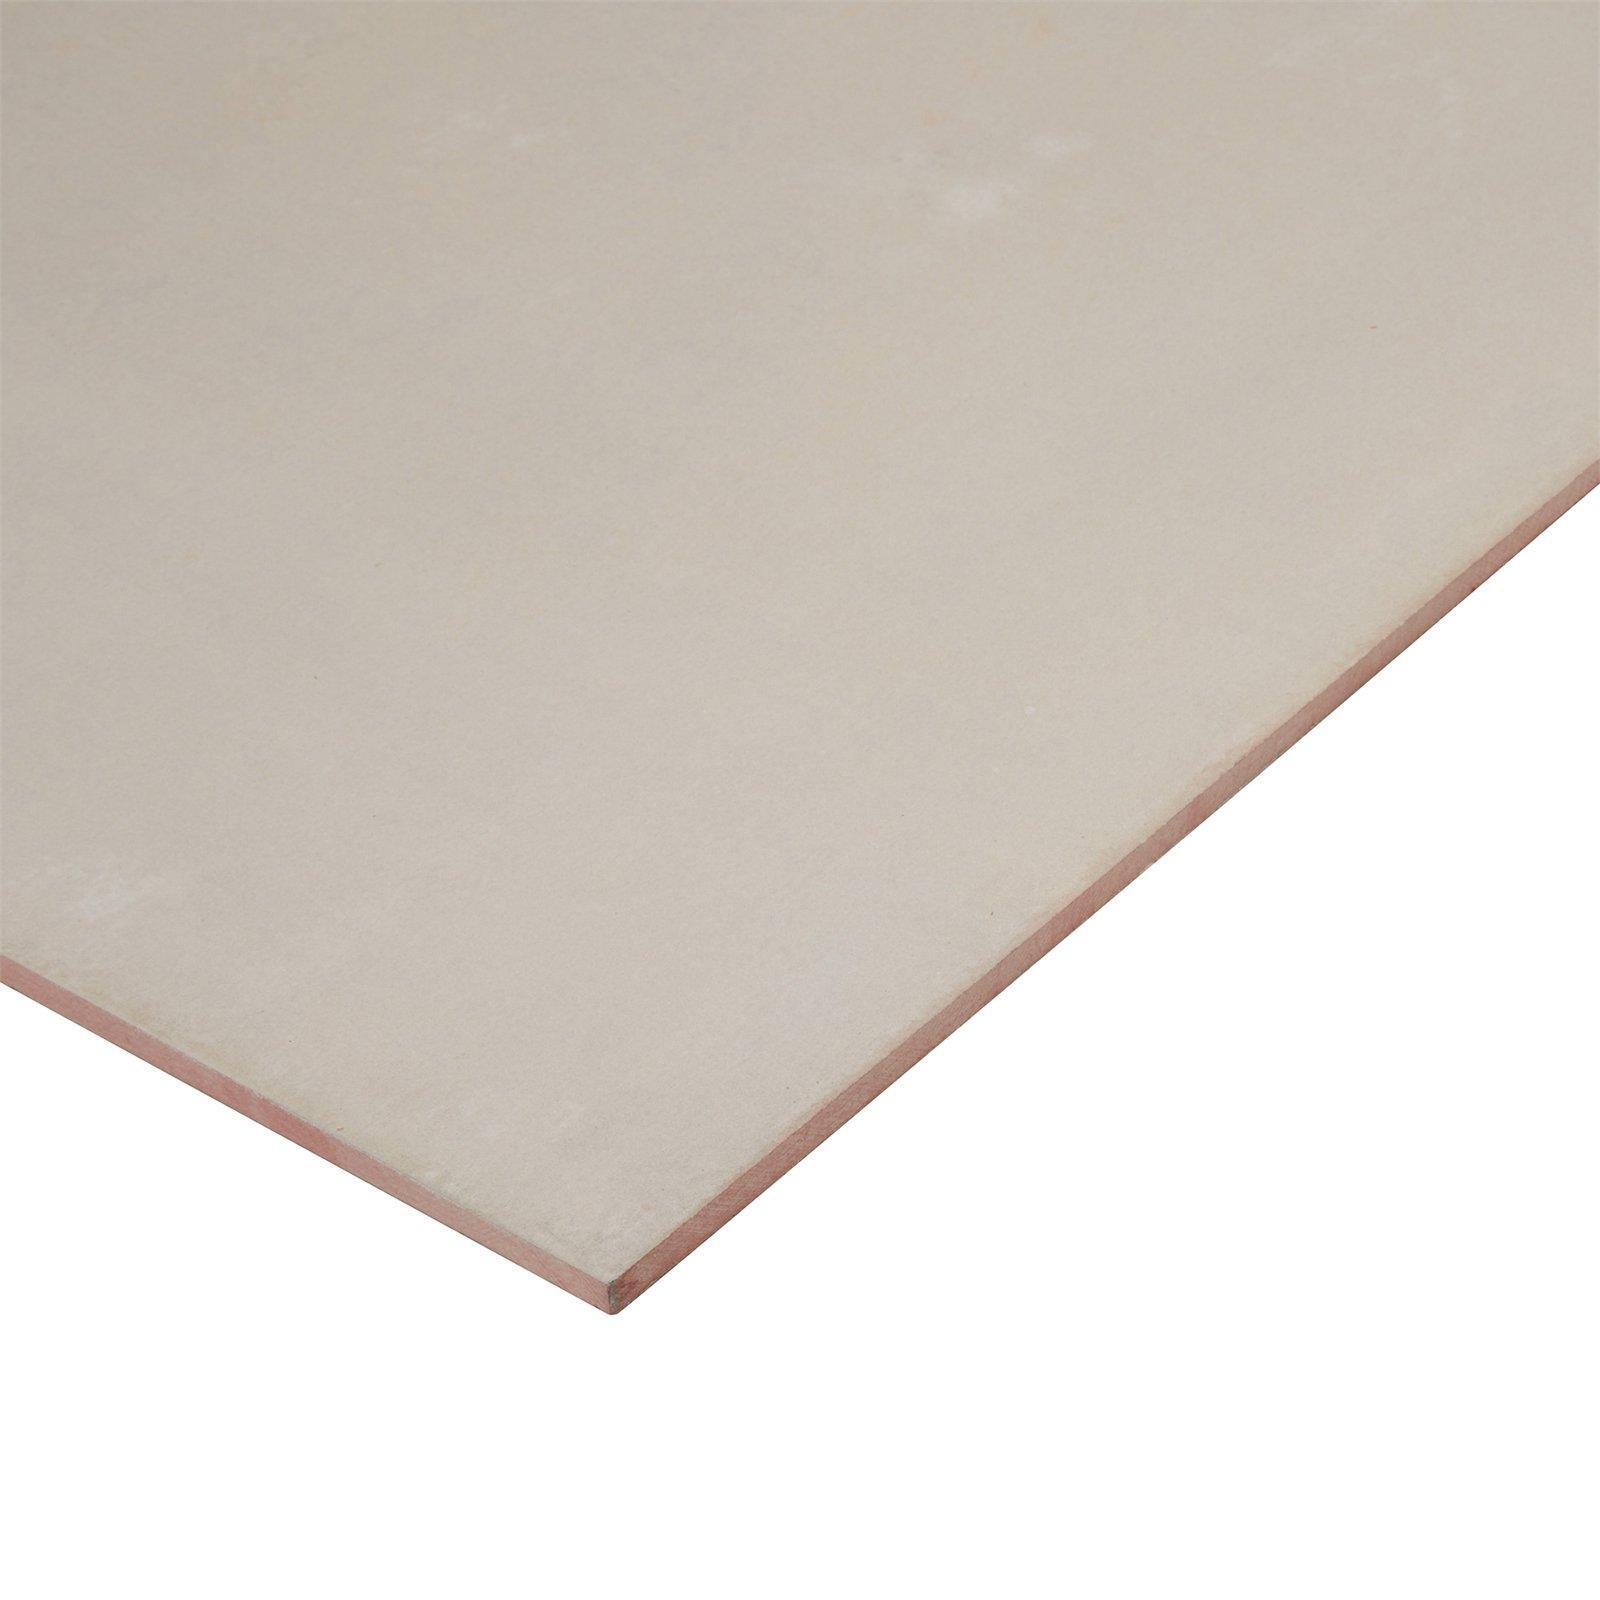 BGC Fibre Cement 2390 x 590 x 9mm Duragrid Fibre Cement Facade Sheet